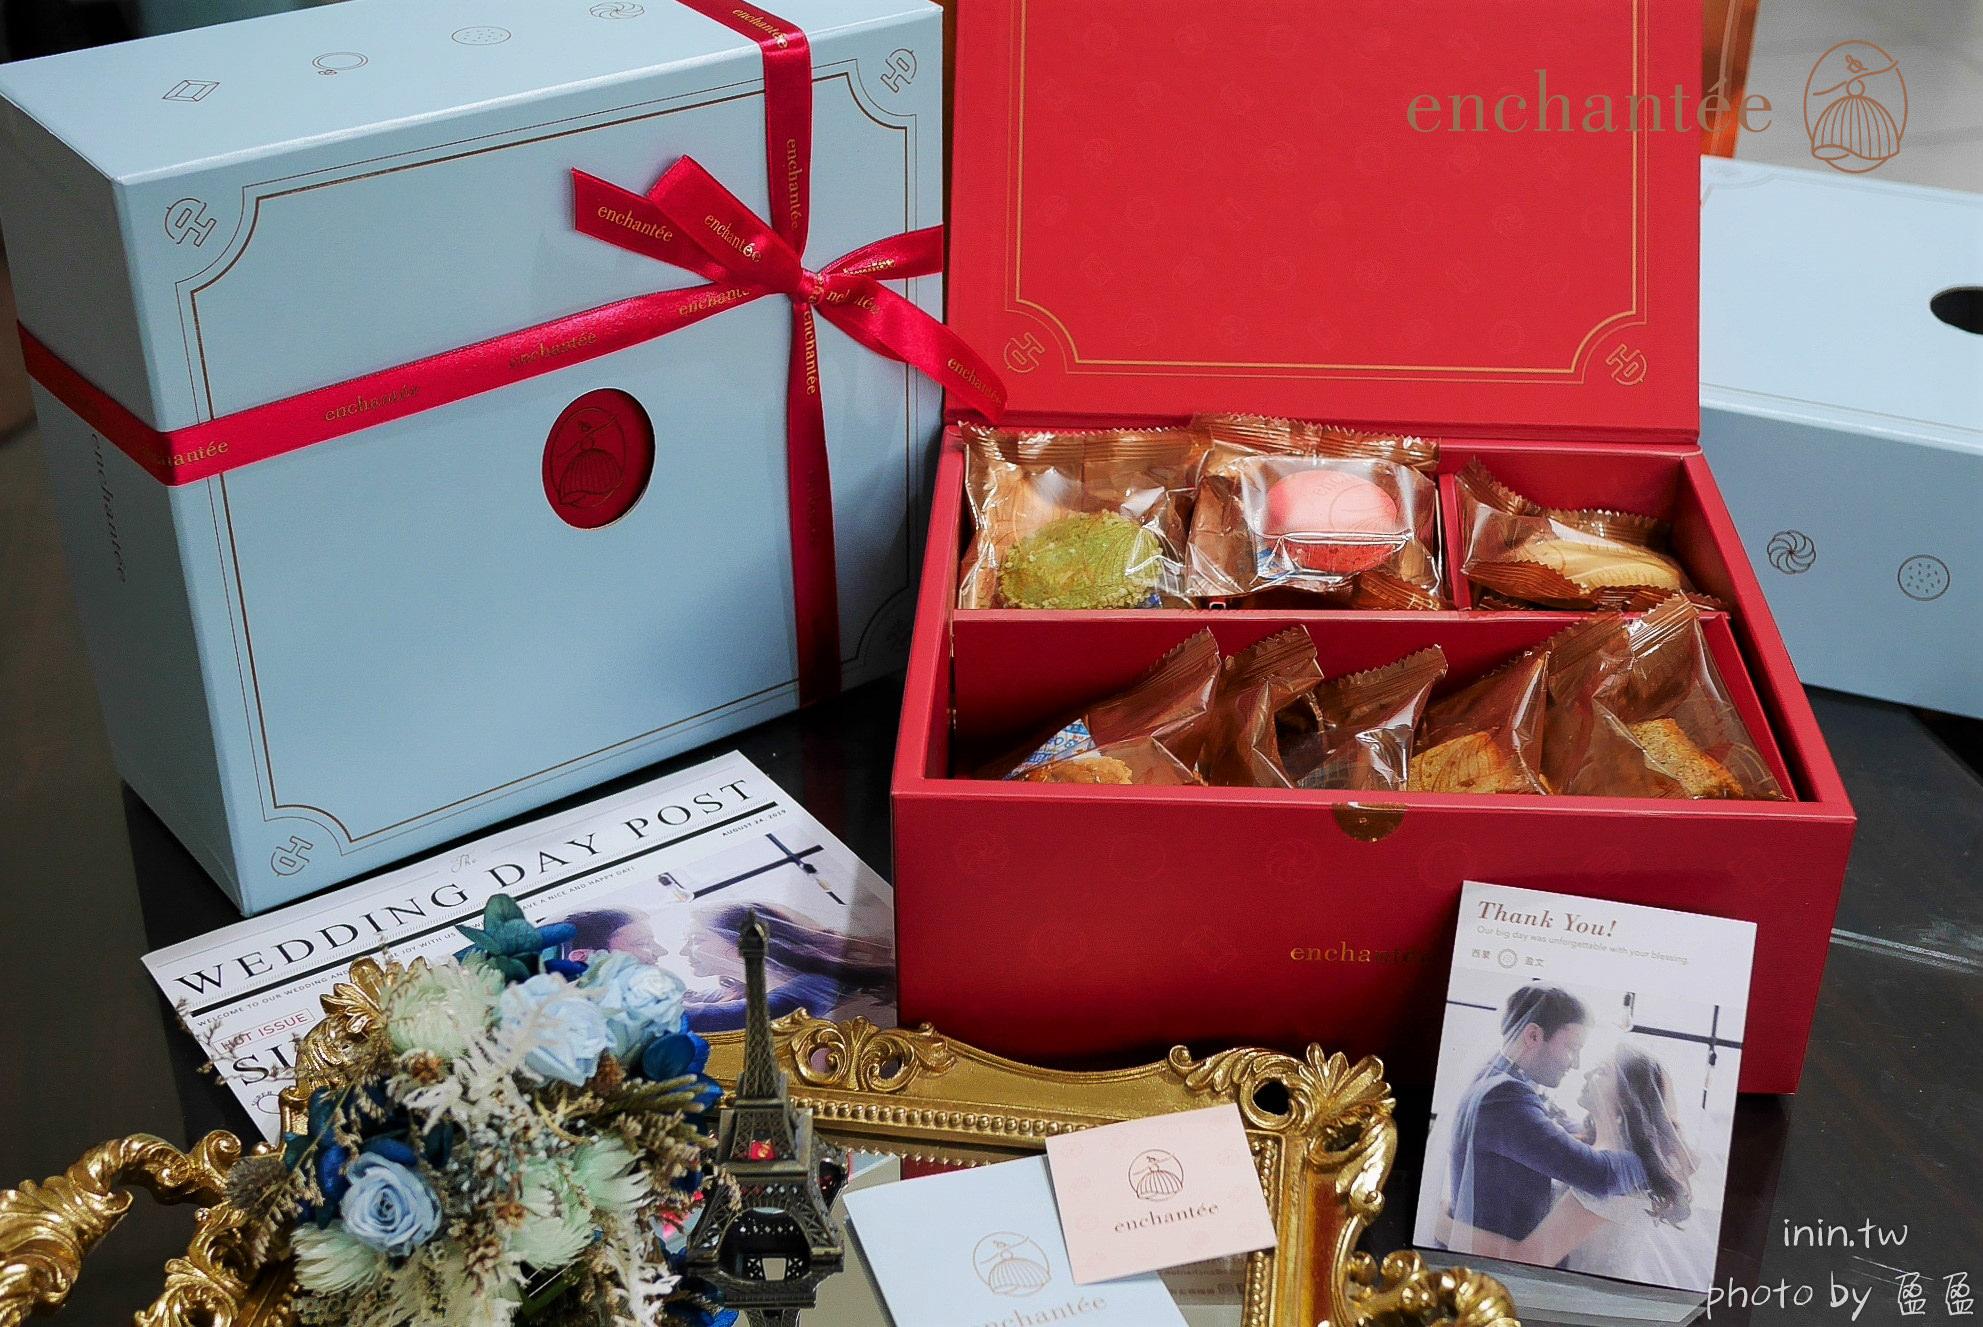 喜餅| enchantée樂朗奇法式手工喜餅(頂級禮盒威尼斯紅)~法式手工喜餅推薦